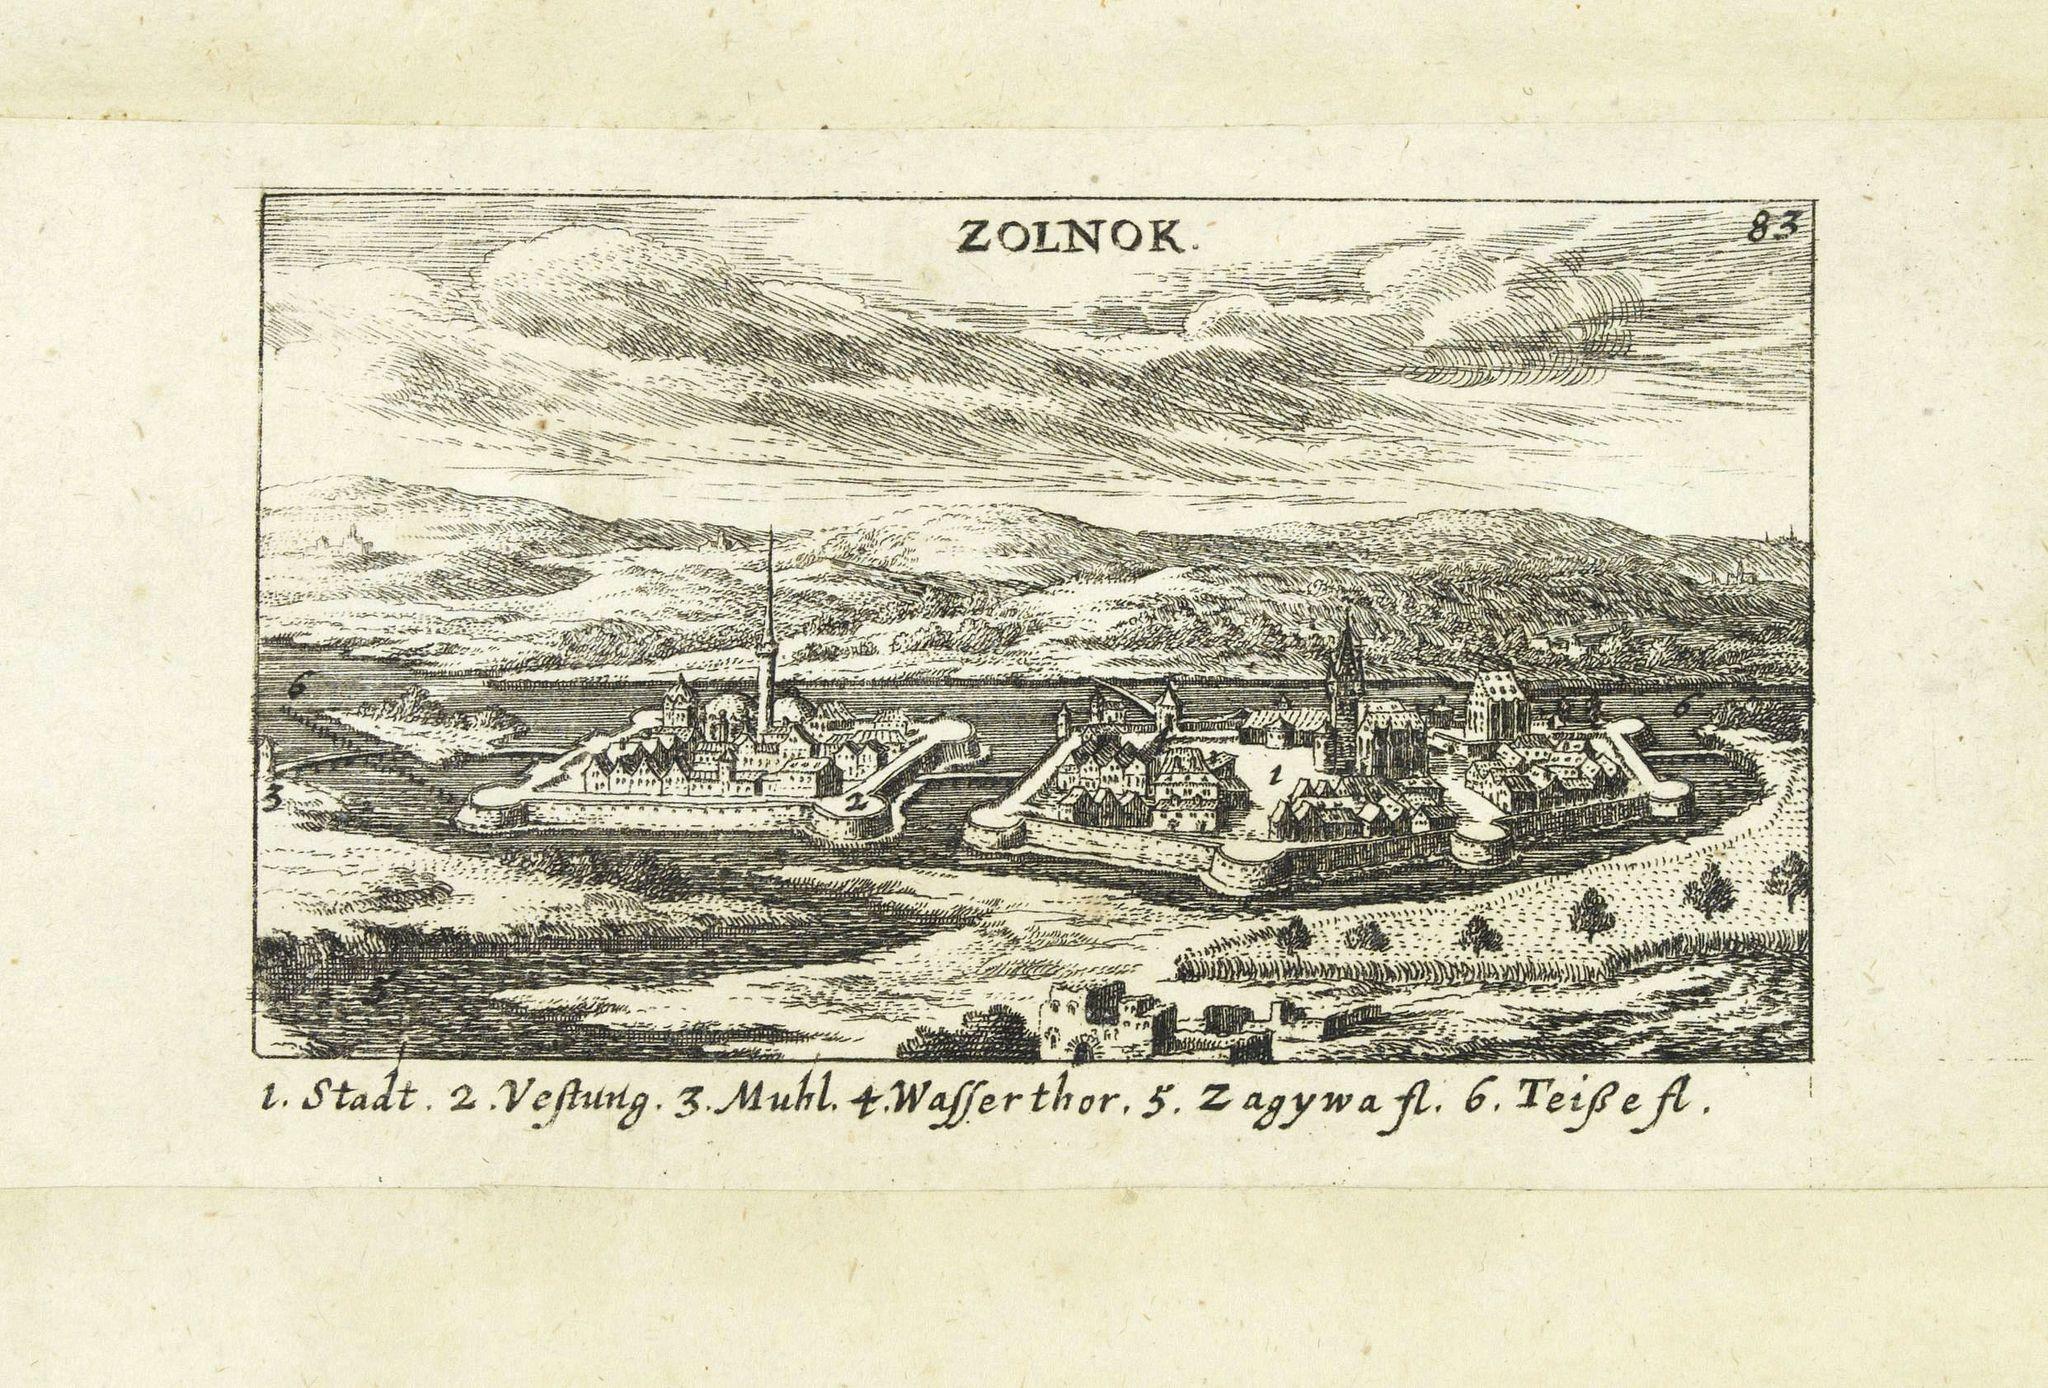 VON BIRKEN, S. -  Zolnok.